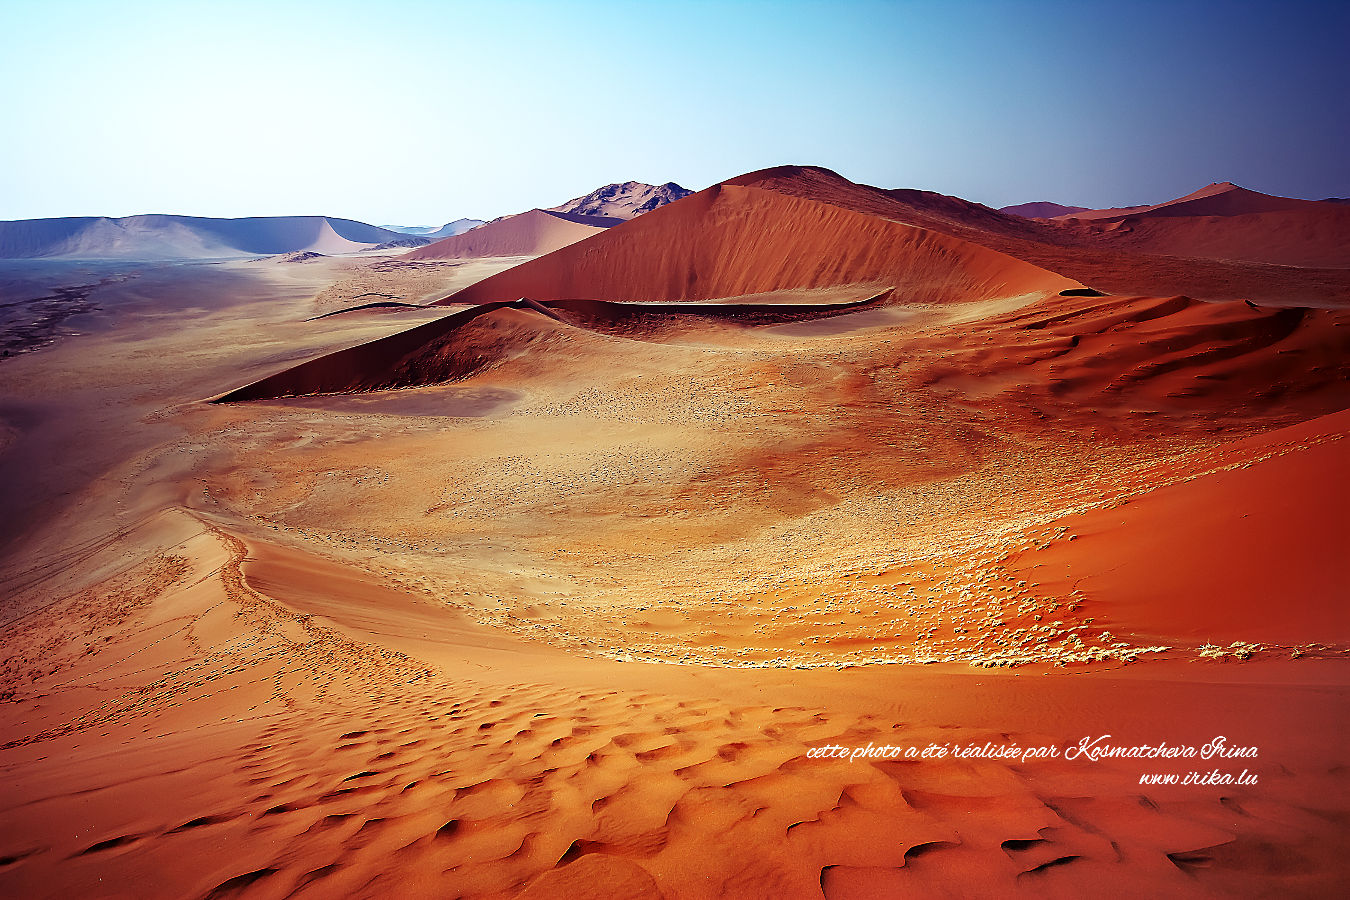 Il faut grimper une dune pour une telle vue